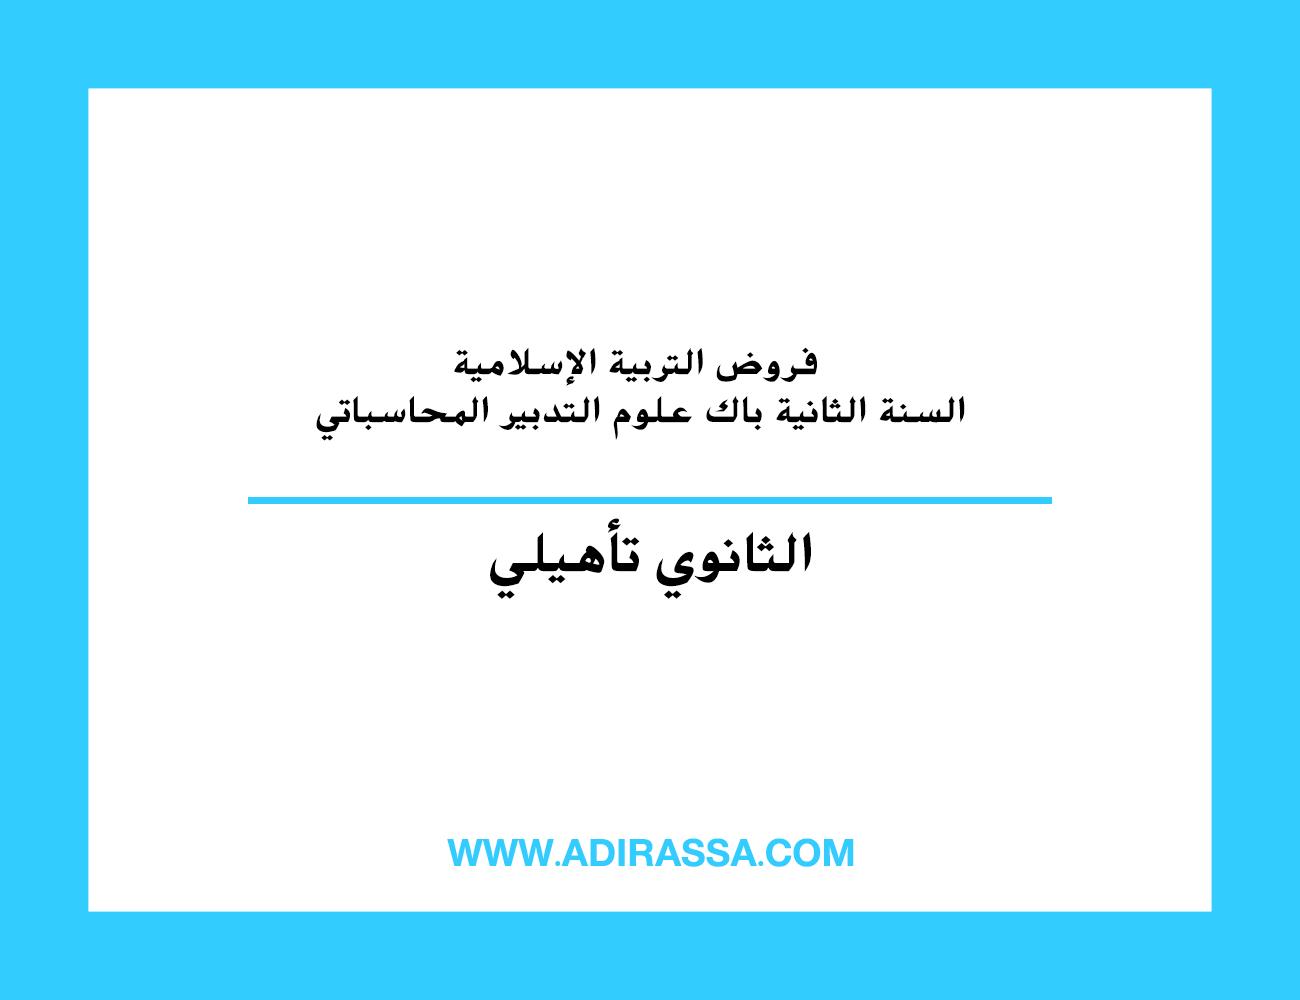 فروض التربية الإسلامية السنة الثانية باك علوم التدبير المحاسباتي بالثانوي التأهيلي